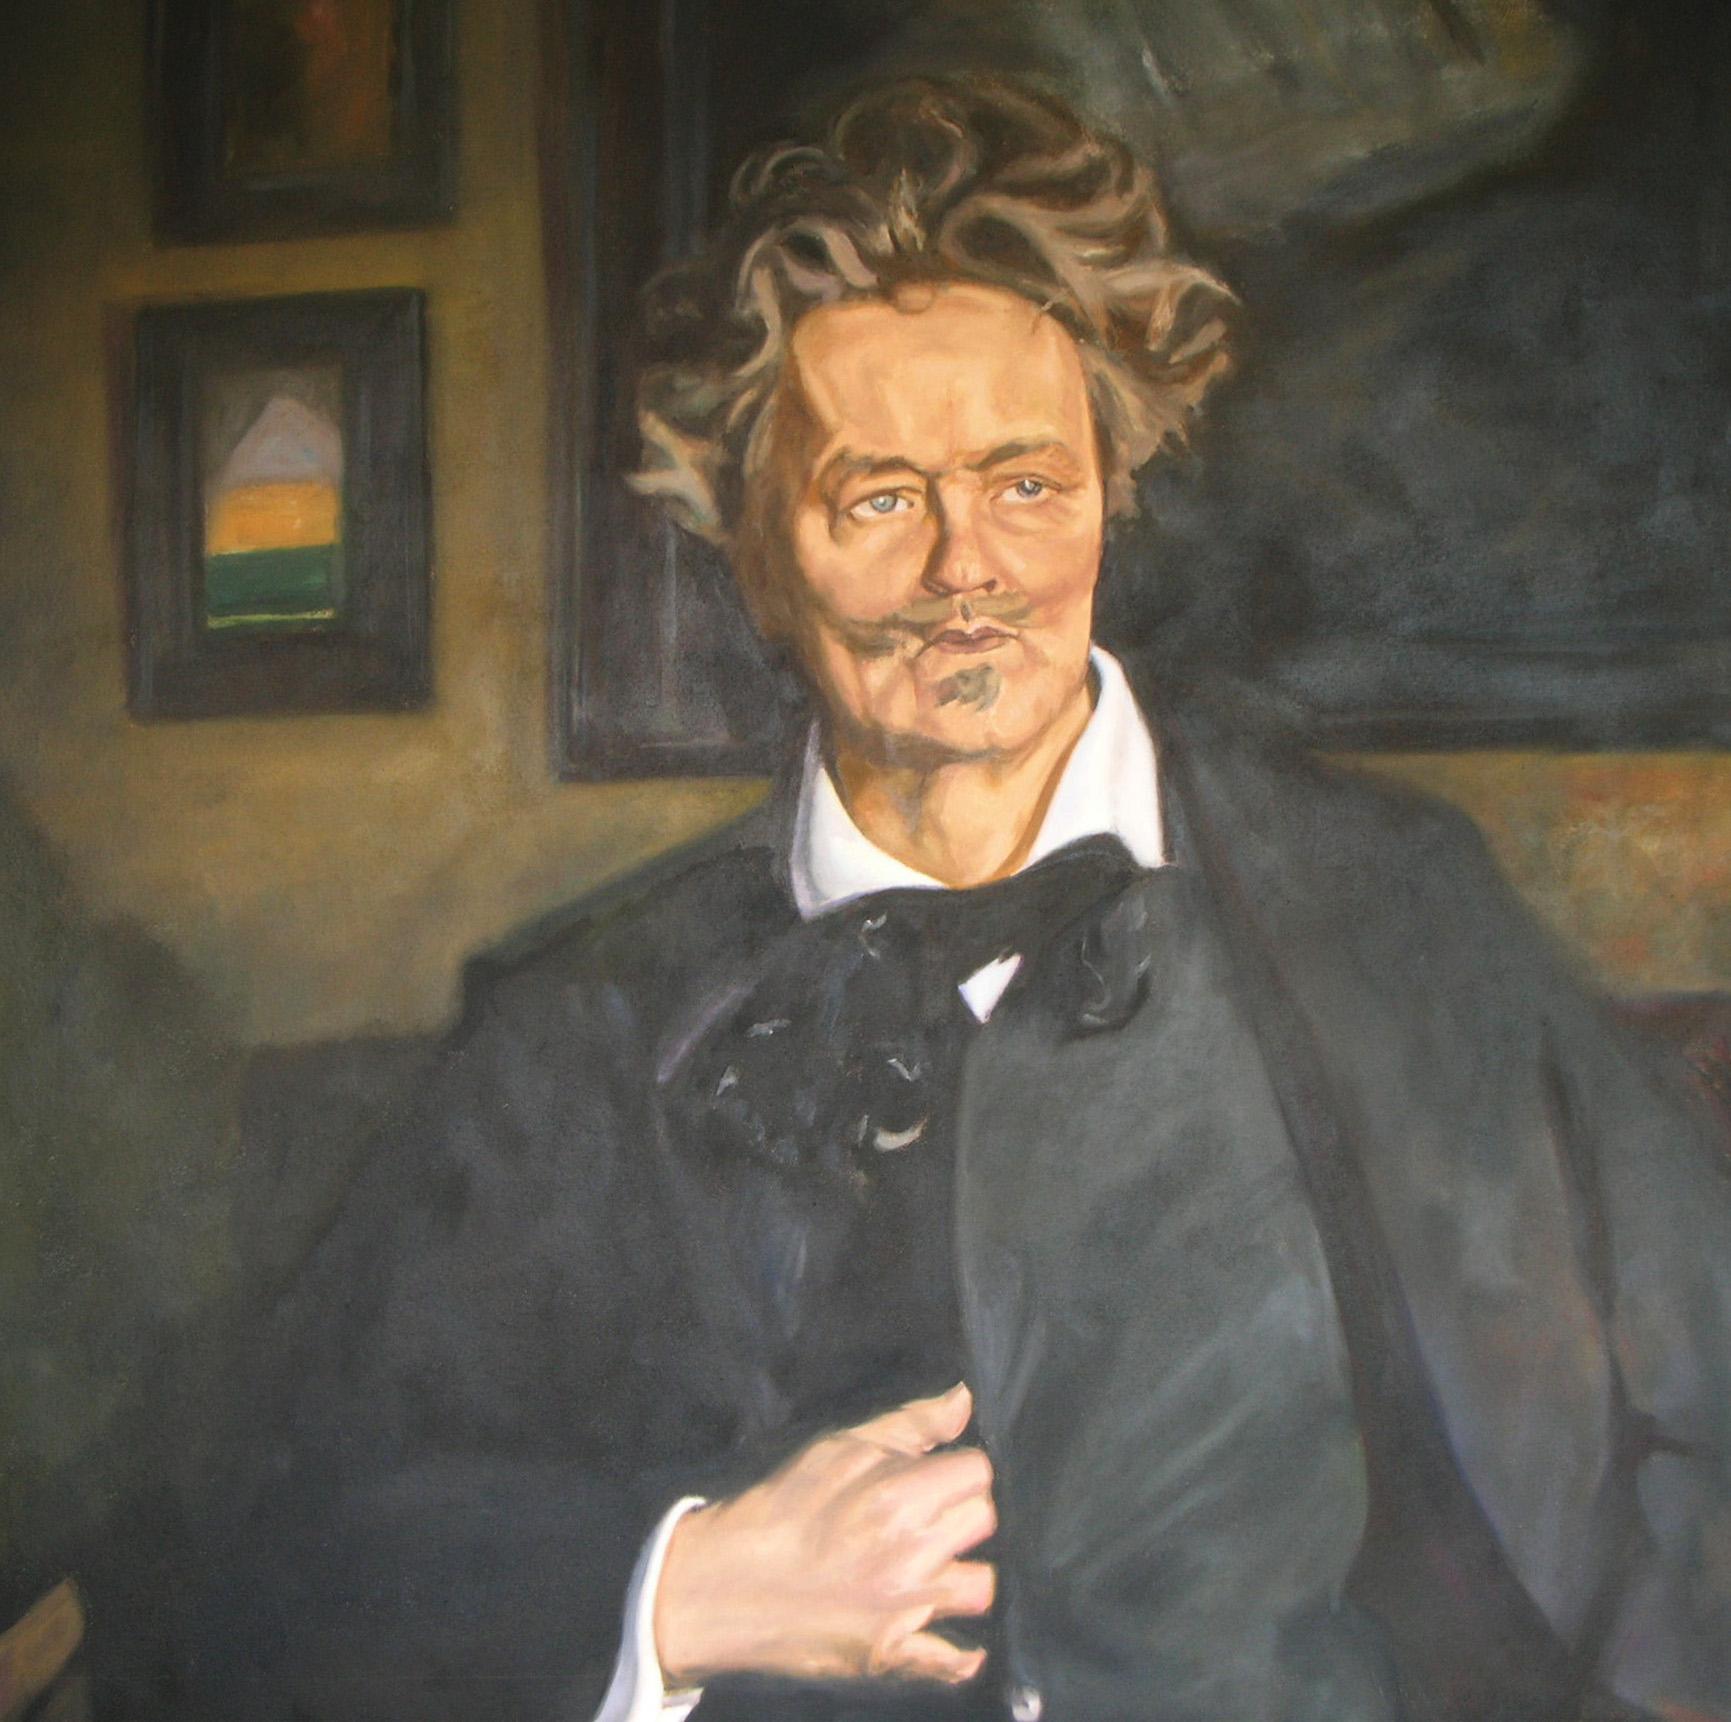 Reproduktion av Claes-Åke Schlönzig - Rickard Berg - August Strindberg - Klicka för att byta till perspektivbild.